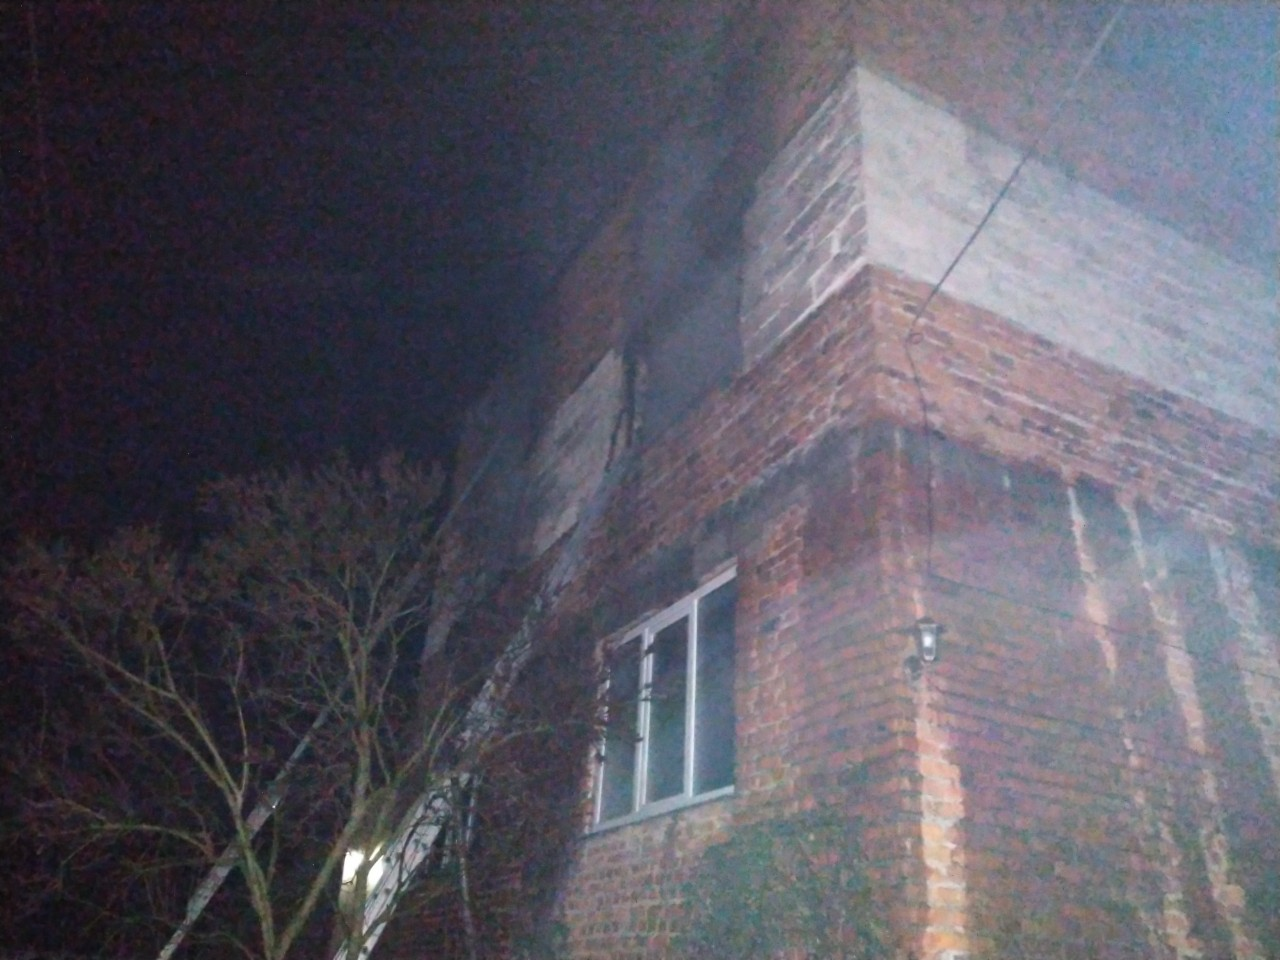 Сьогодні вночі 9 рятувальників гасили пожежу у селі Іза, що на Хустщині